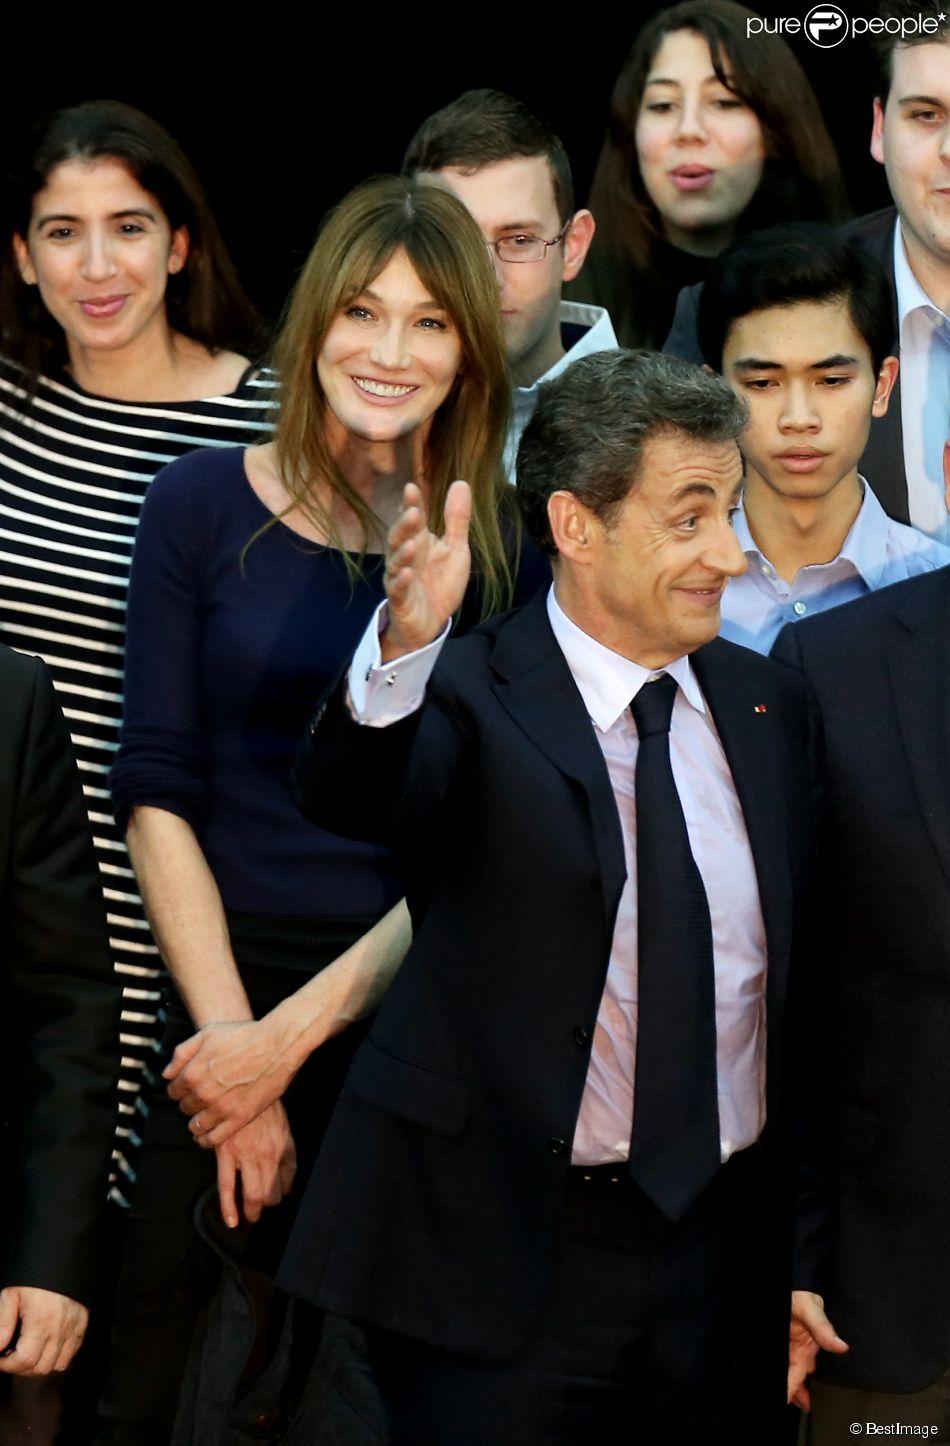 Carla Bruni-Sarkozy et Nicolas Sarkozy lors du meeting de celui-ci à Boulogne-Billancourt le 25 novembre 2014